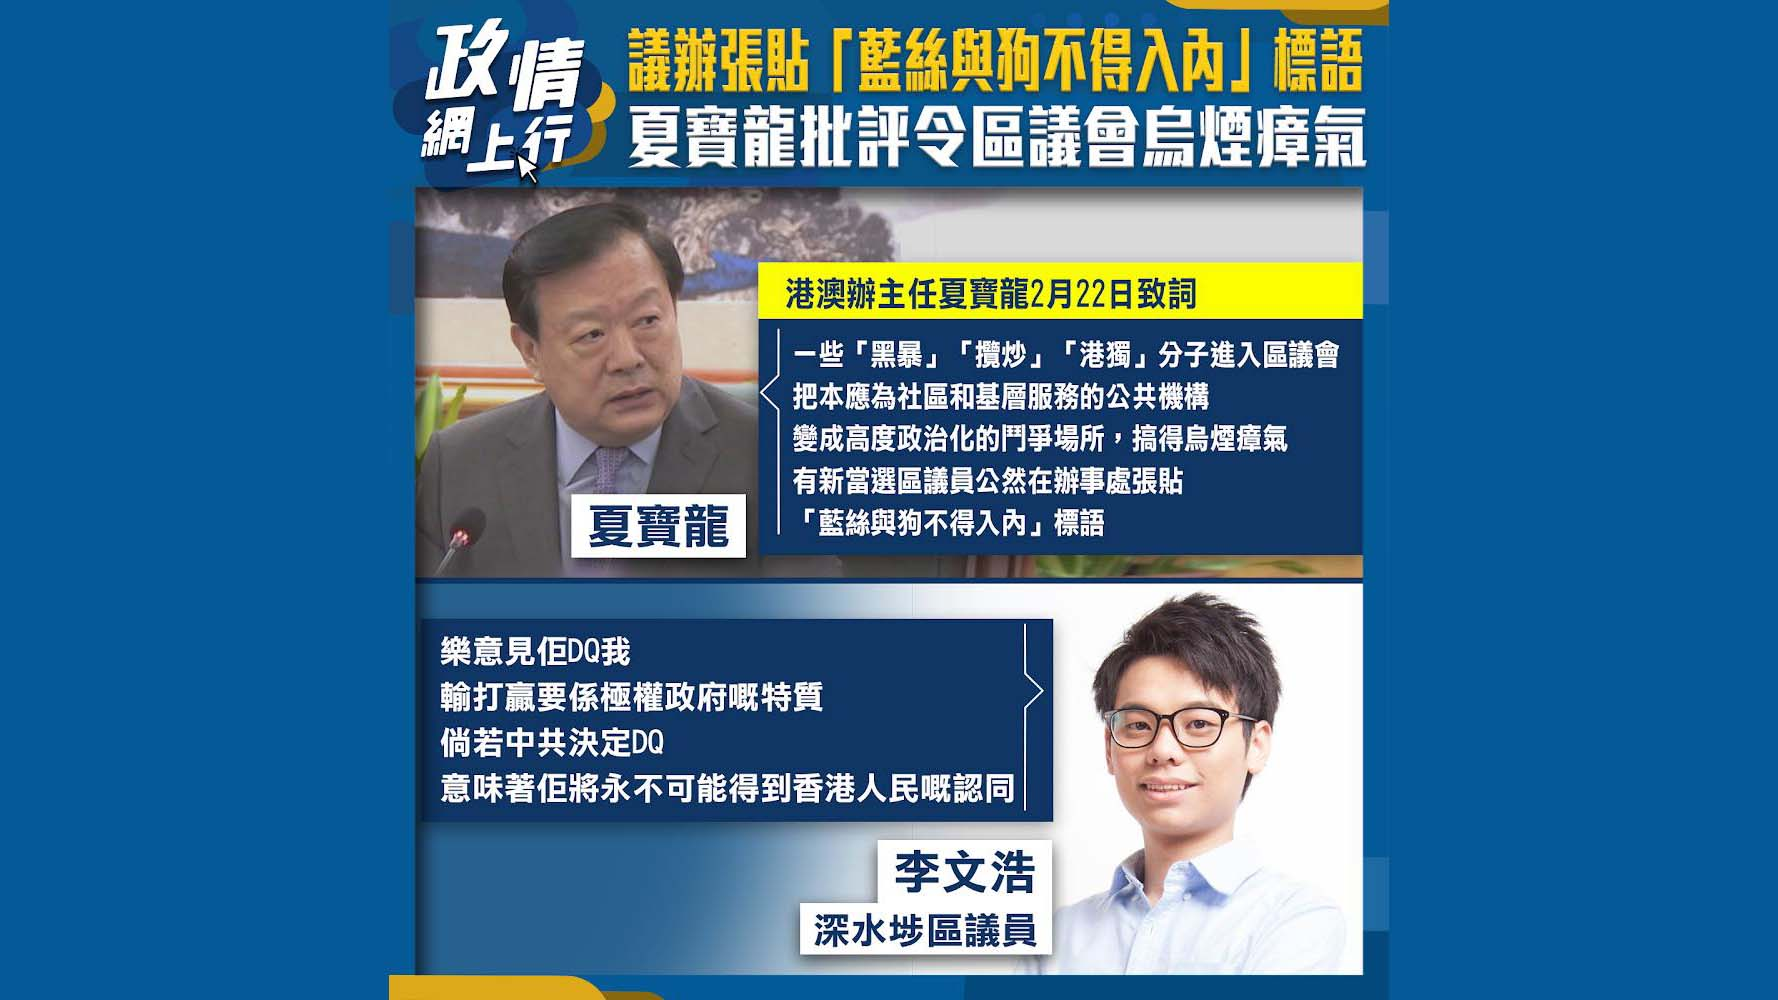 議辦張貼標語 夏寶龍批評令區議會烏煙瘴氣